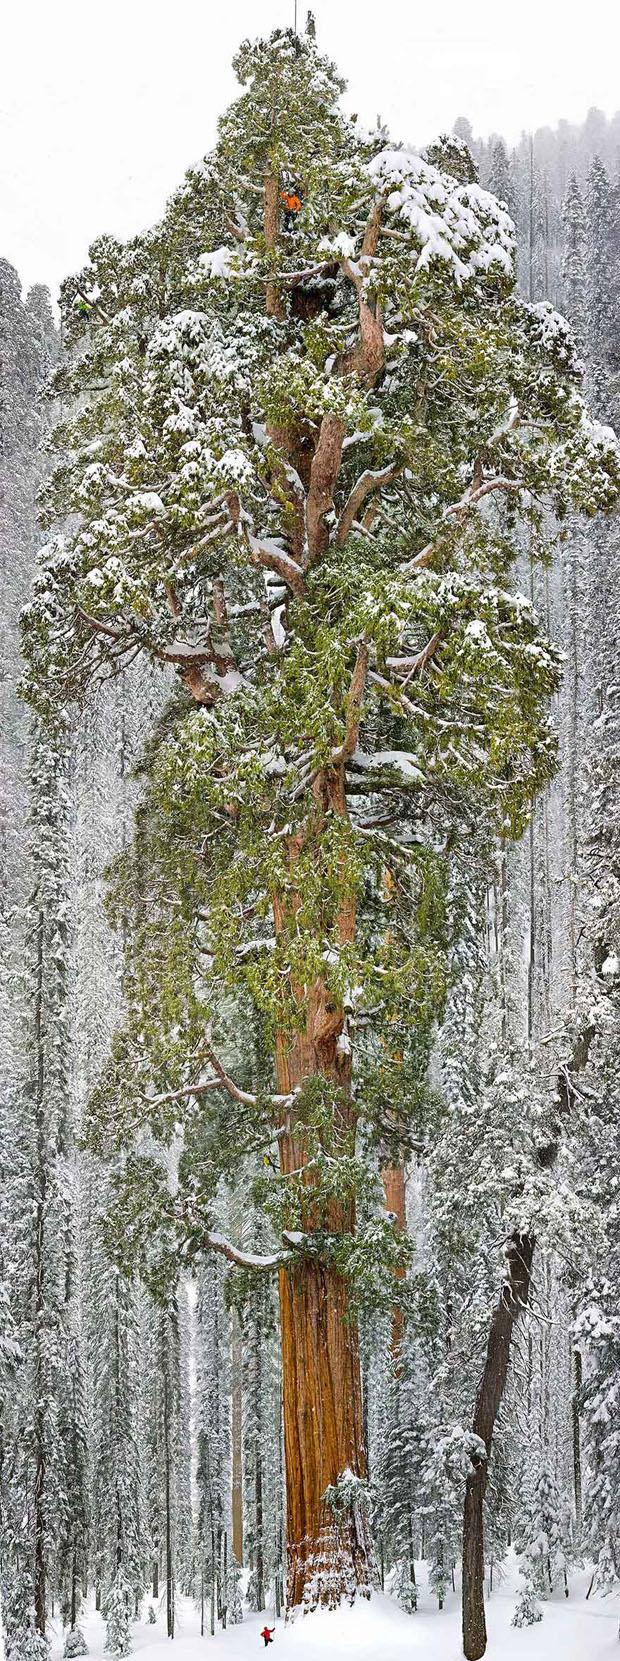 Το τρίτο μεγαλύτερο δέντρο στον κόσμο